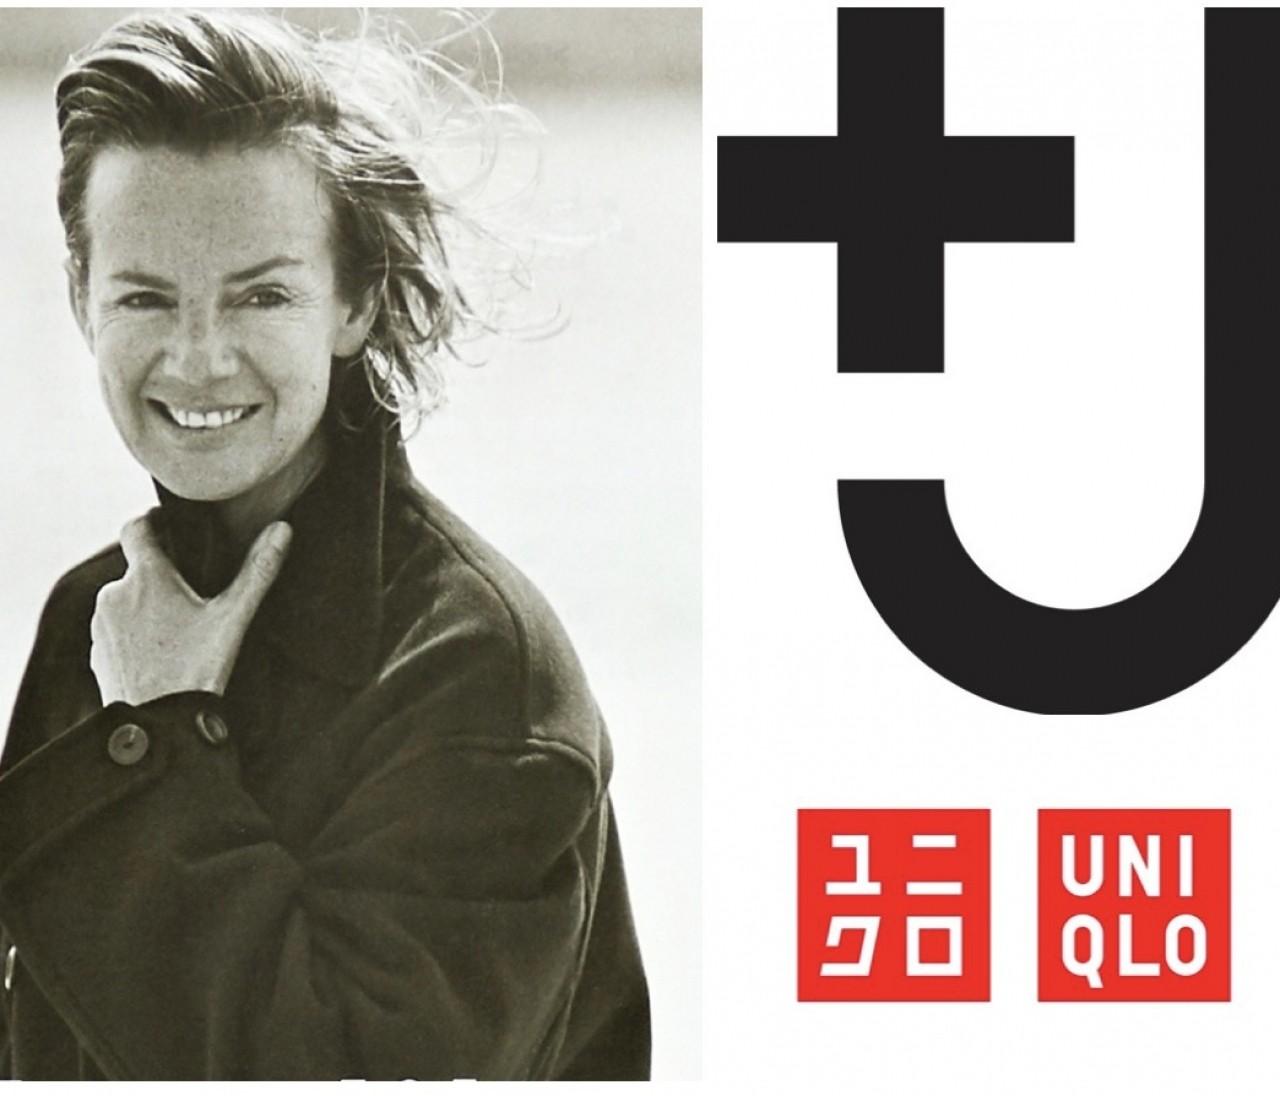 超速朗報♡【ユニクロ(UNIQLO)伝説のコラボ再び】ジル サンダー(Jil Sander)との「+J(プラスジェイ)」が2020秋冬にカムバック!